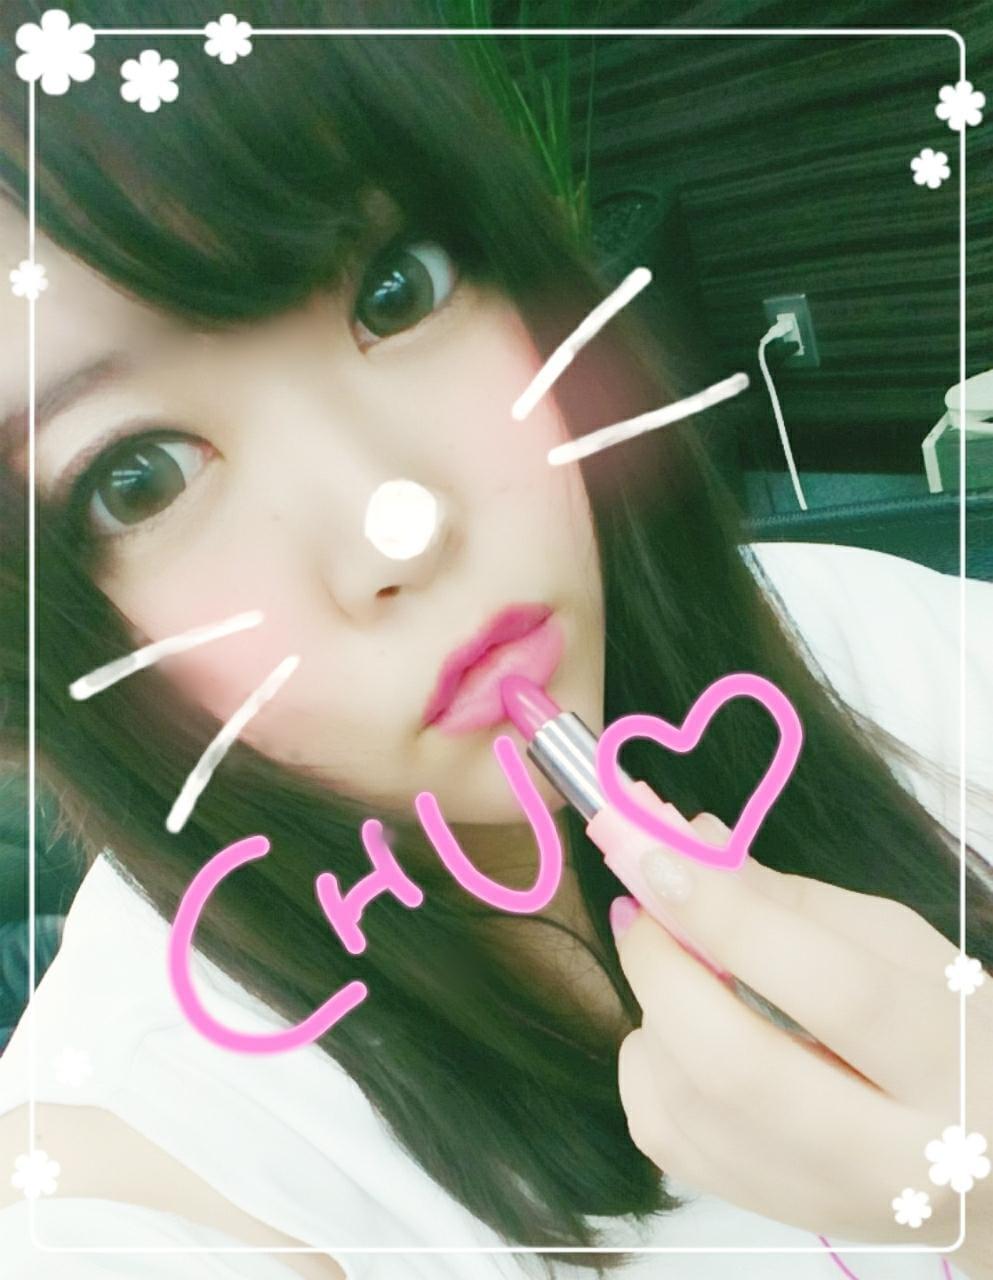 「唇♡」11/17(土) 19:26   江戸川-えどがわの写メ・風俗動画